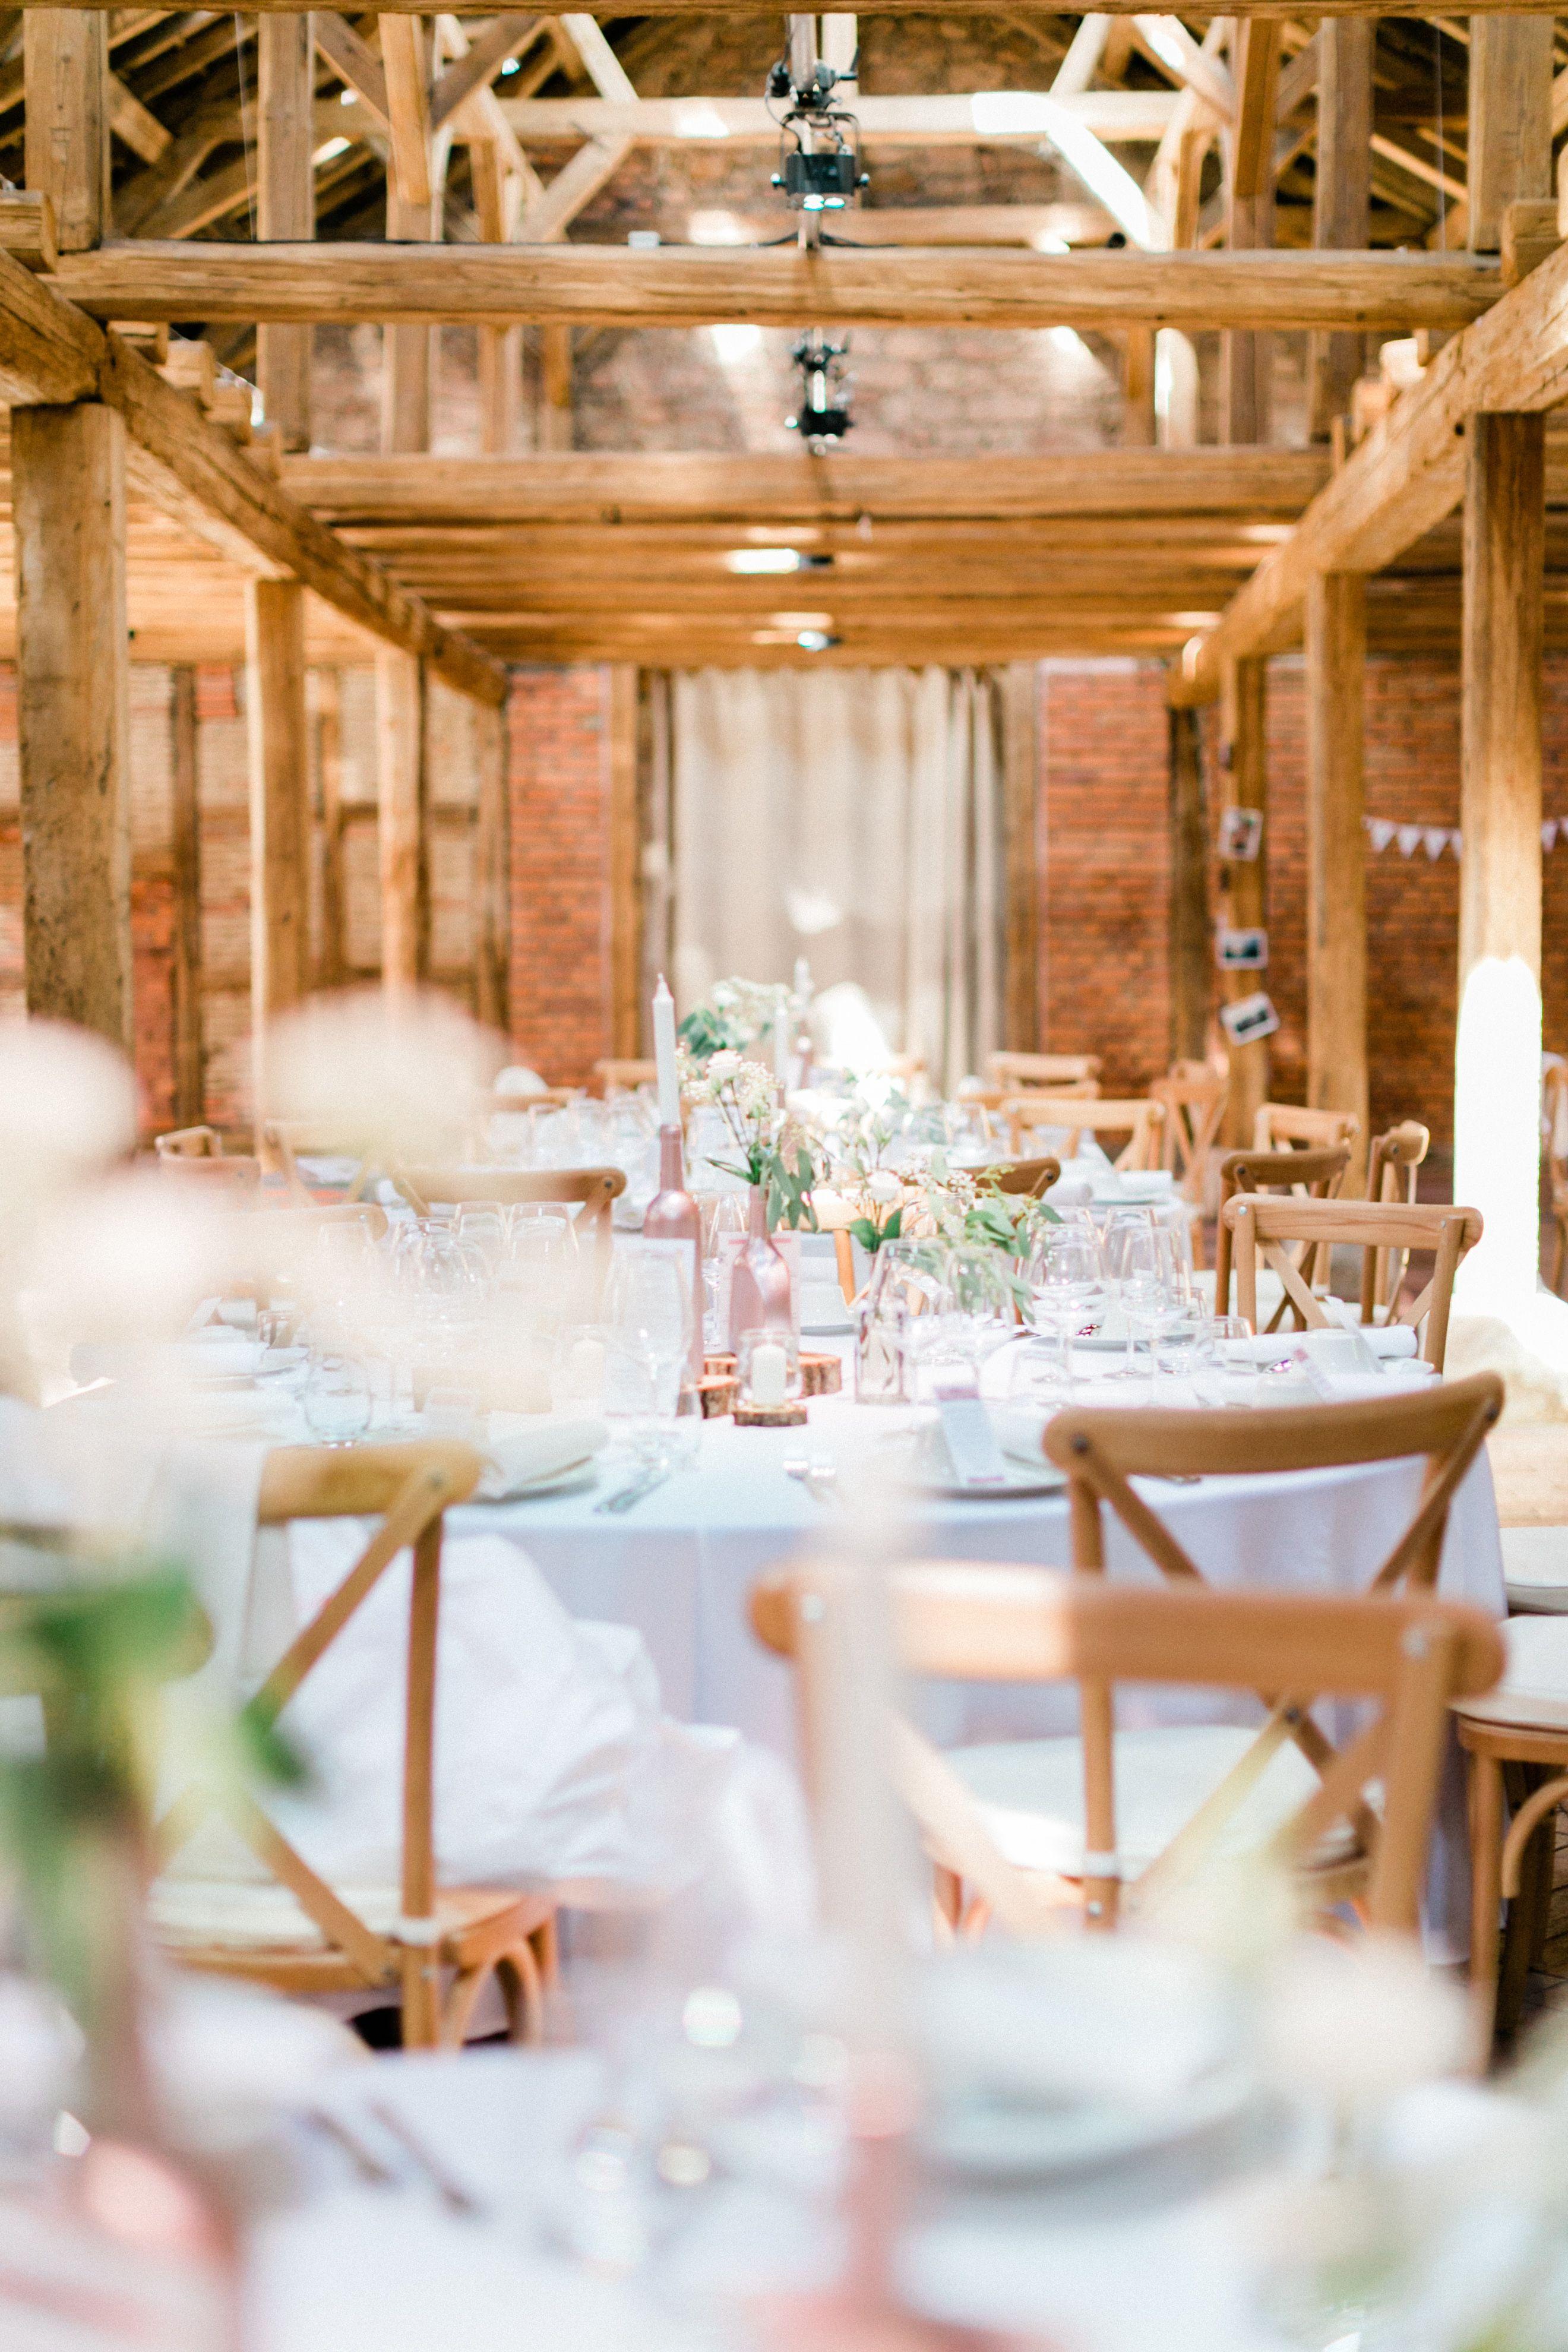 Freie Trauung Gutshof Unterbessenbach Ewigmein Fine Art Photography Rustikale Hochzeit Rustikale Scheunenhochzeit Boho Hochzeitsdekorationen